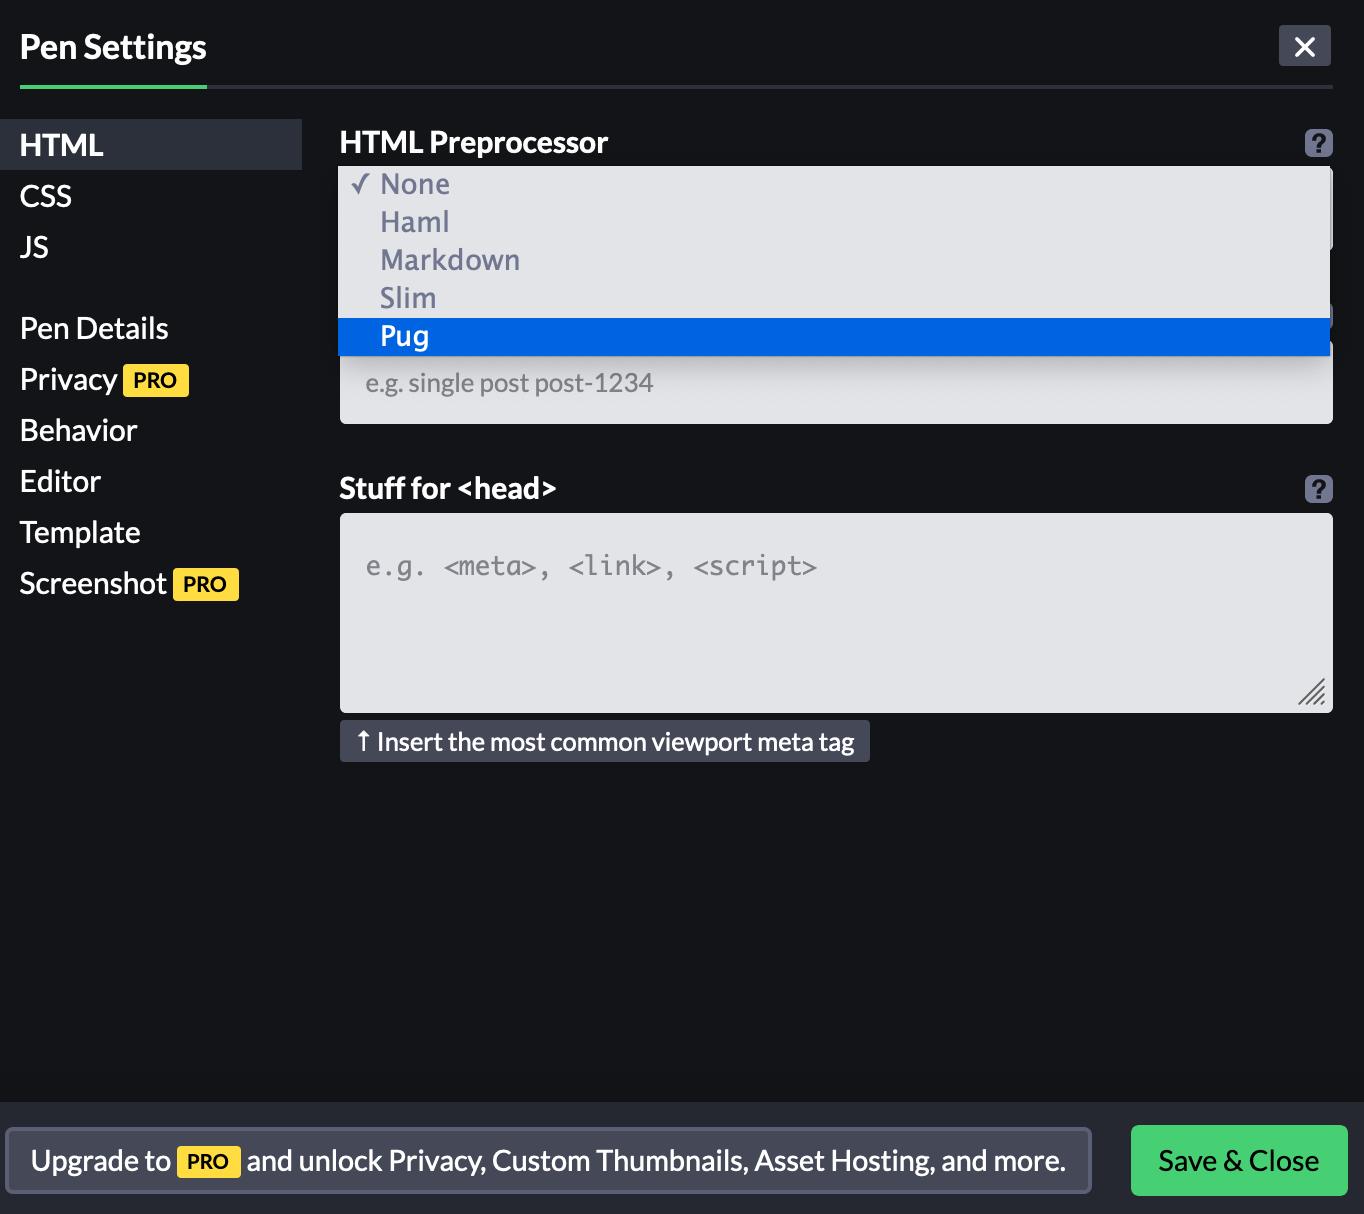 HTML Preprocessor